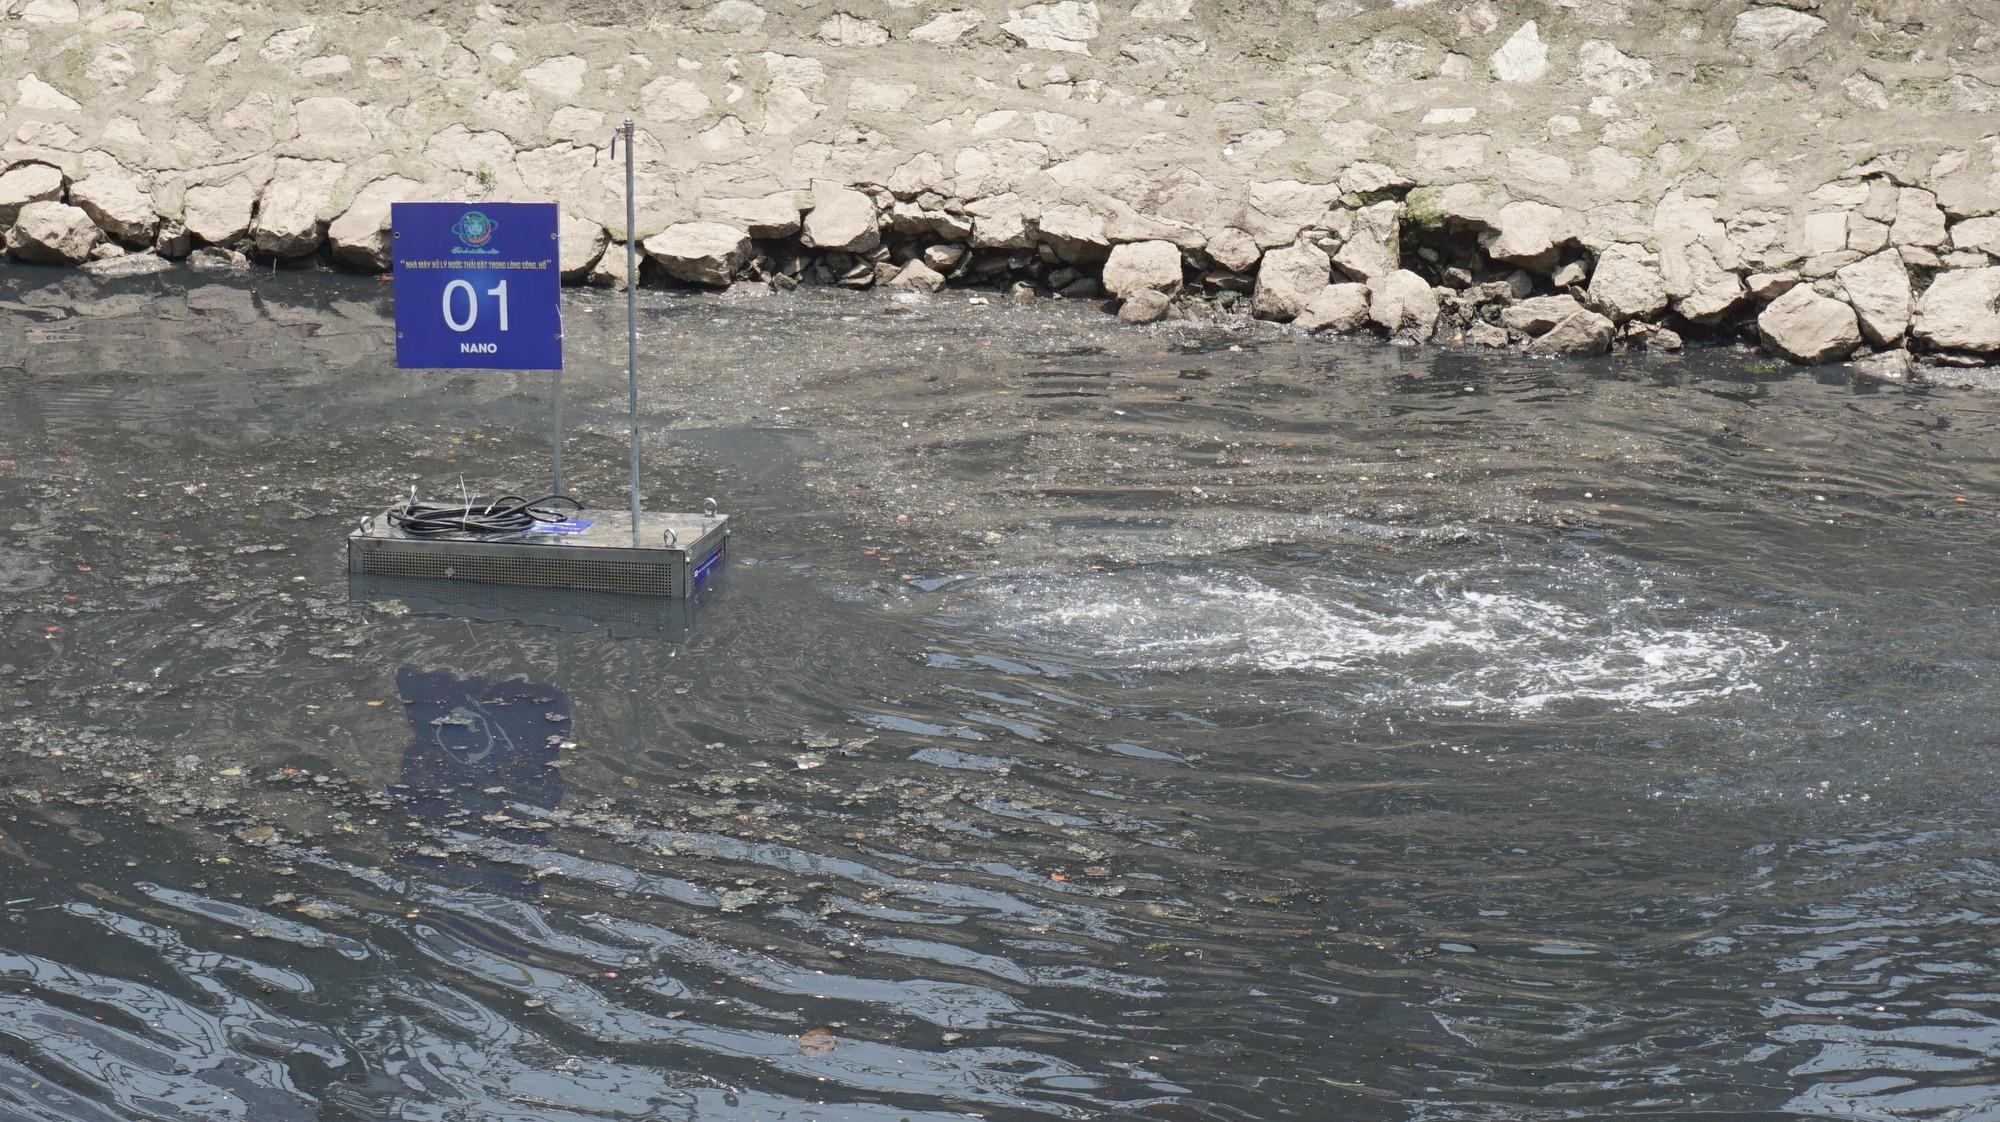 Khởi động dự án làm sạch sông Tô Lịch bằng công nghệ Nhật Bản - Ảnh 6.